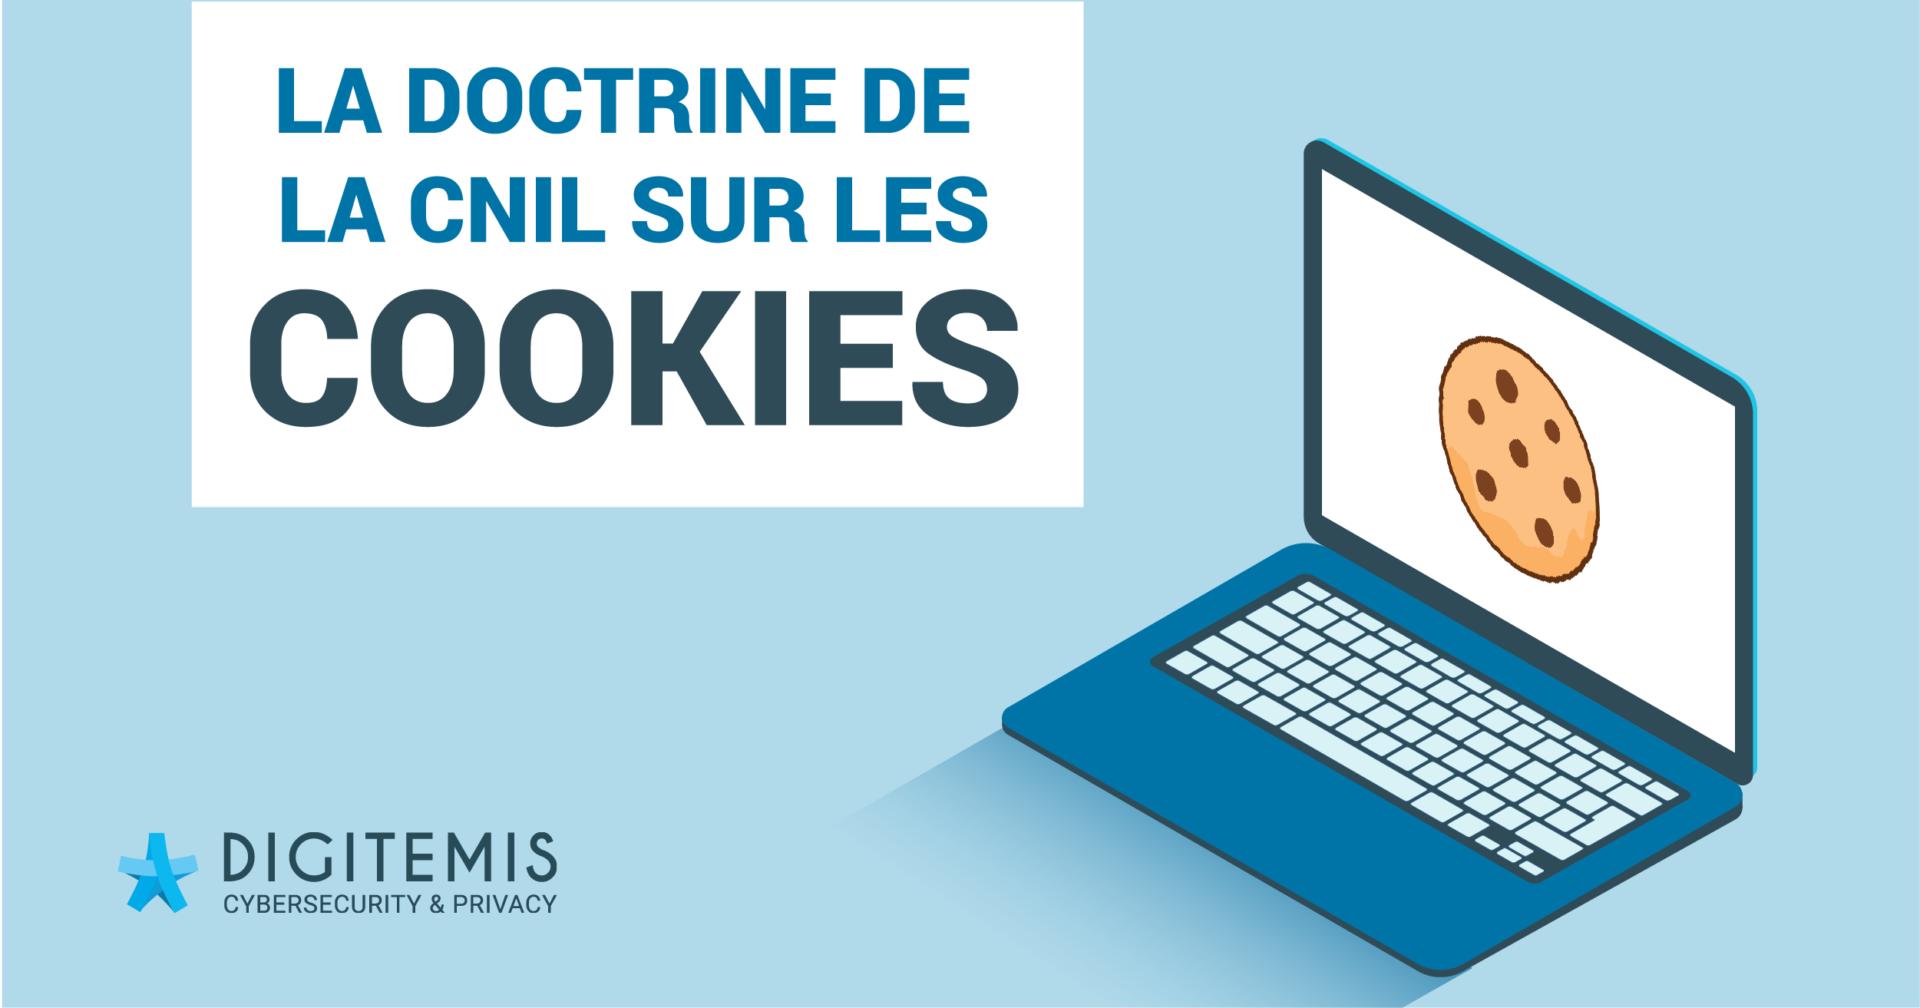 L'évolution de la doctrine de la CNIL sur les cookies